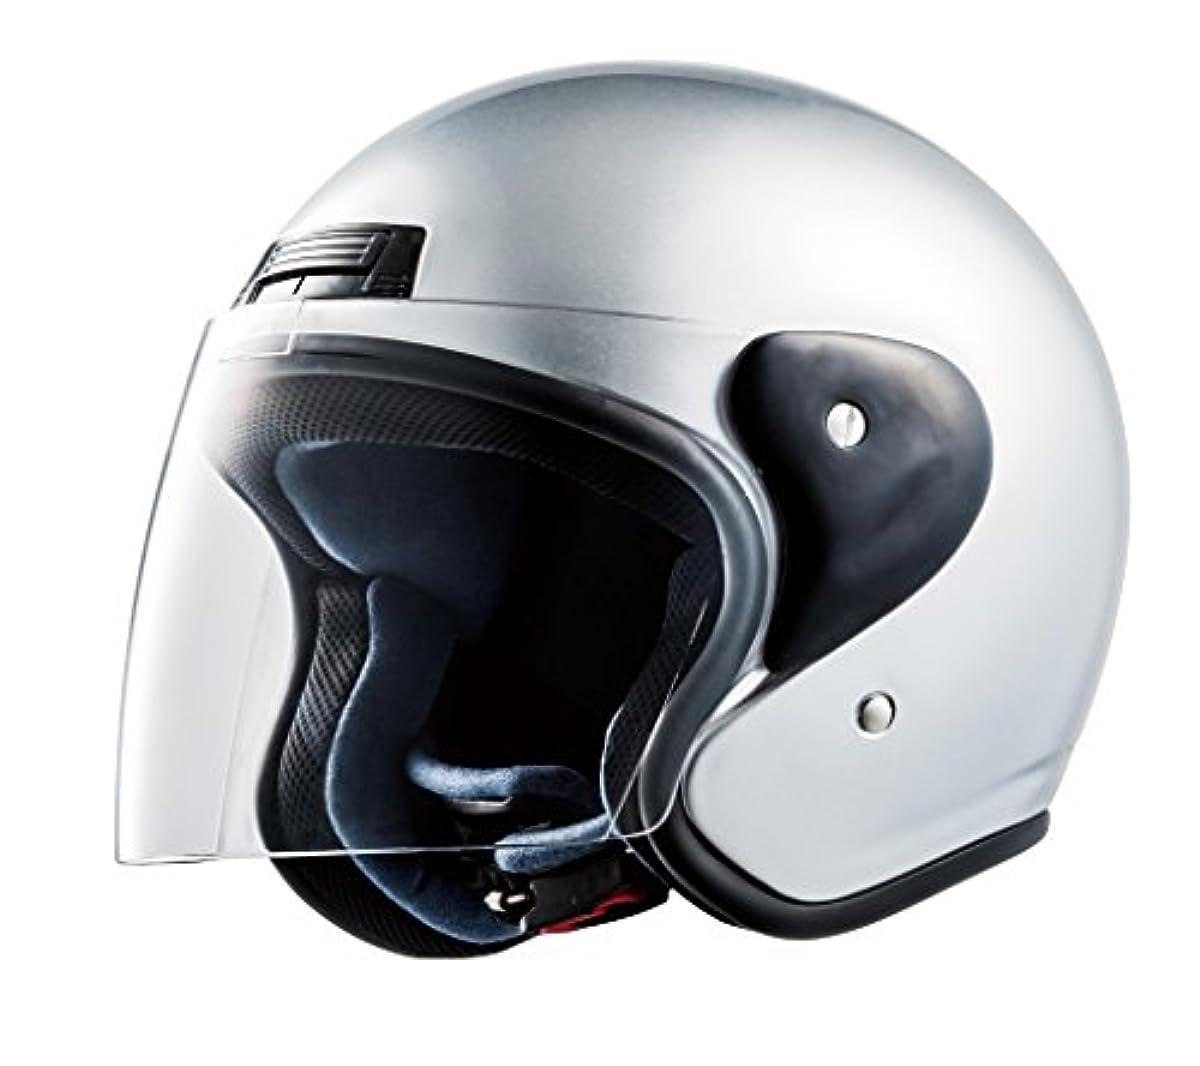 [해외] CEPTOO (세푸토) 오토바이용 헬멧 제트 실버 프리 사이즈 JC-3